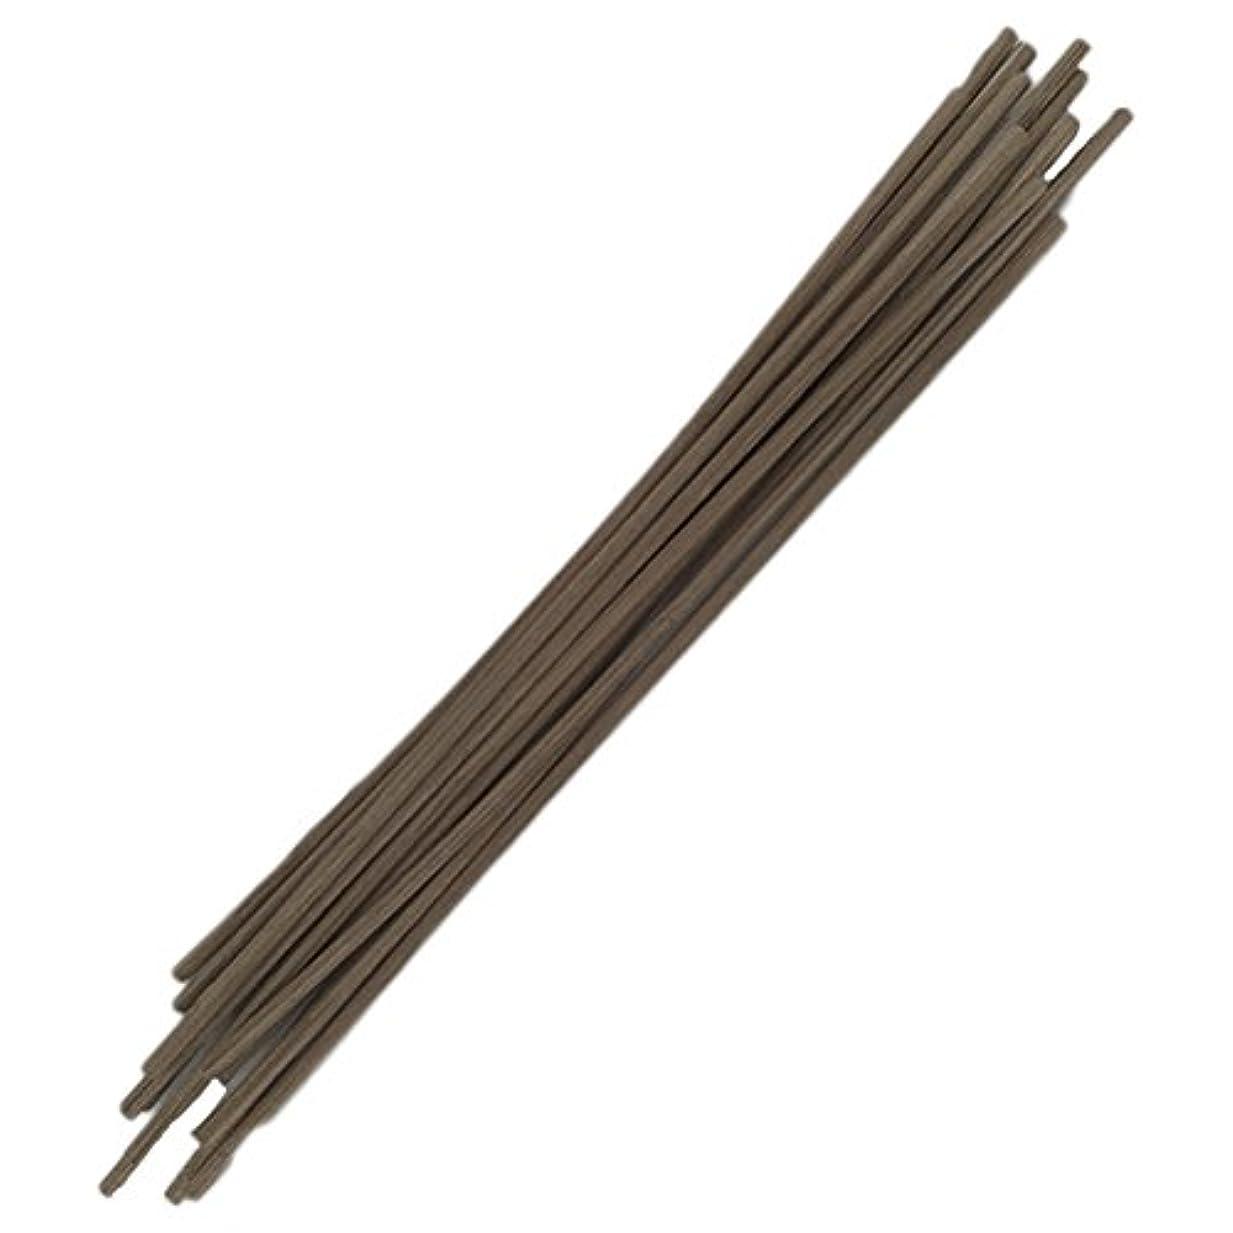 くしゃみ村倍増Healifty 30pcs籐のリードは自然の香りのリードのディフューザーのアロマオイルディフューザー籐25センチメートルスティック